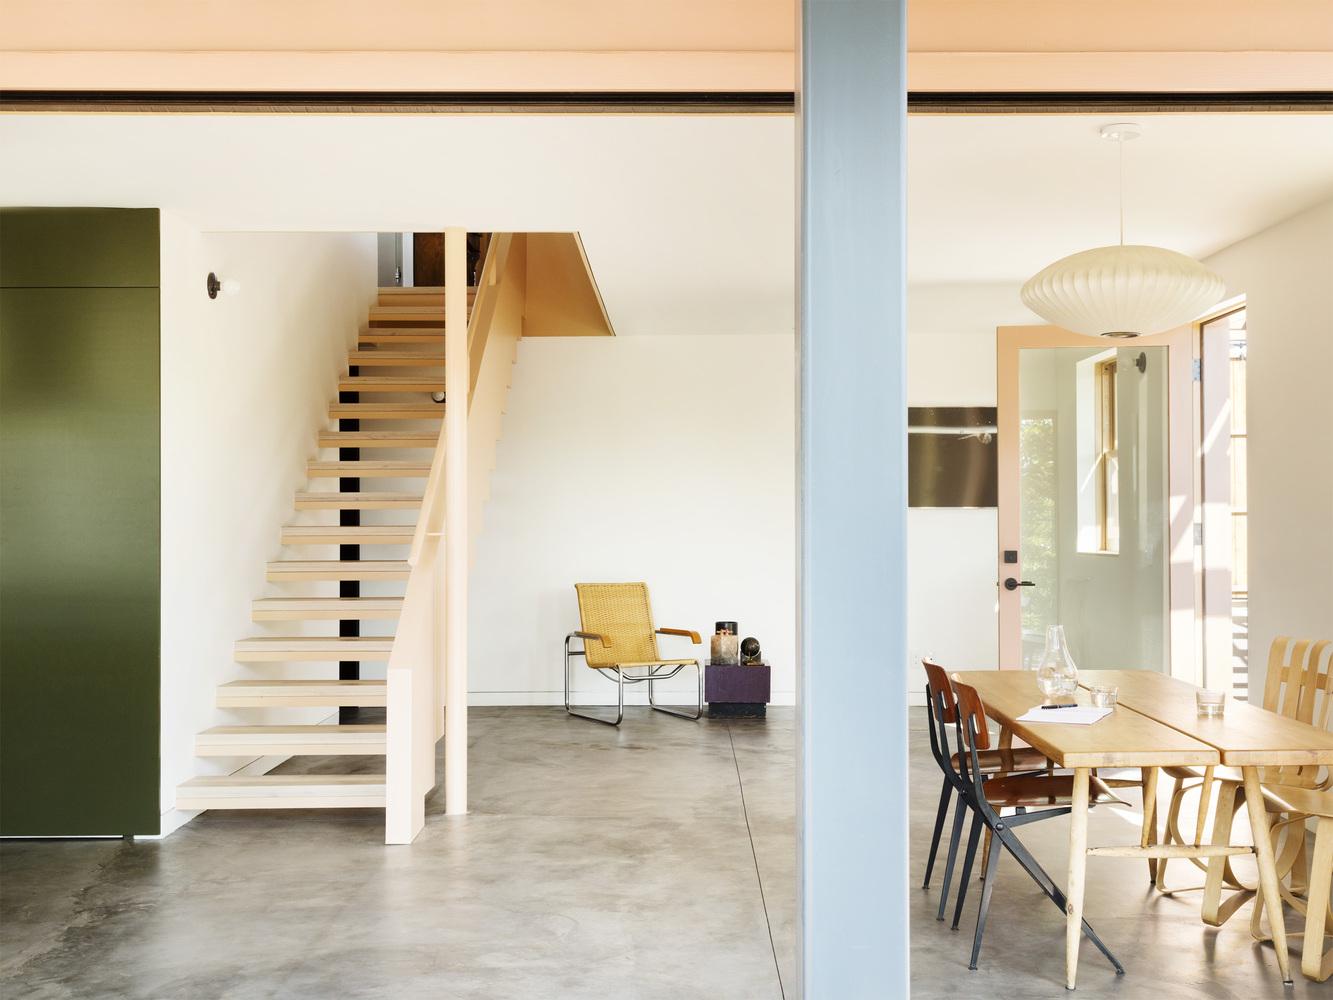 7_Fleischmann Residence_PRODUCTORA_Inspirationist